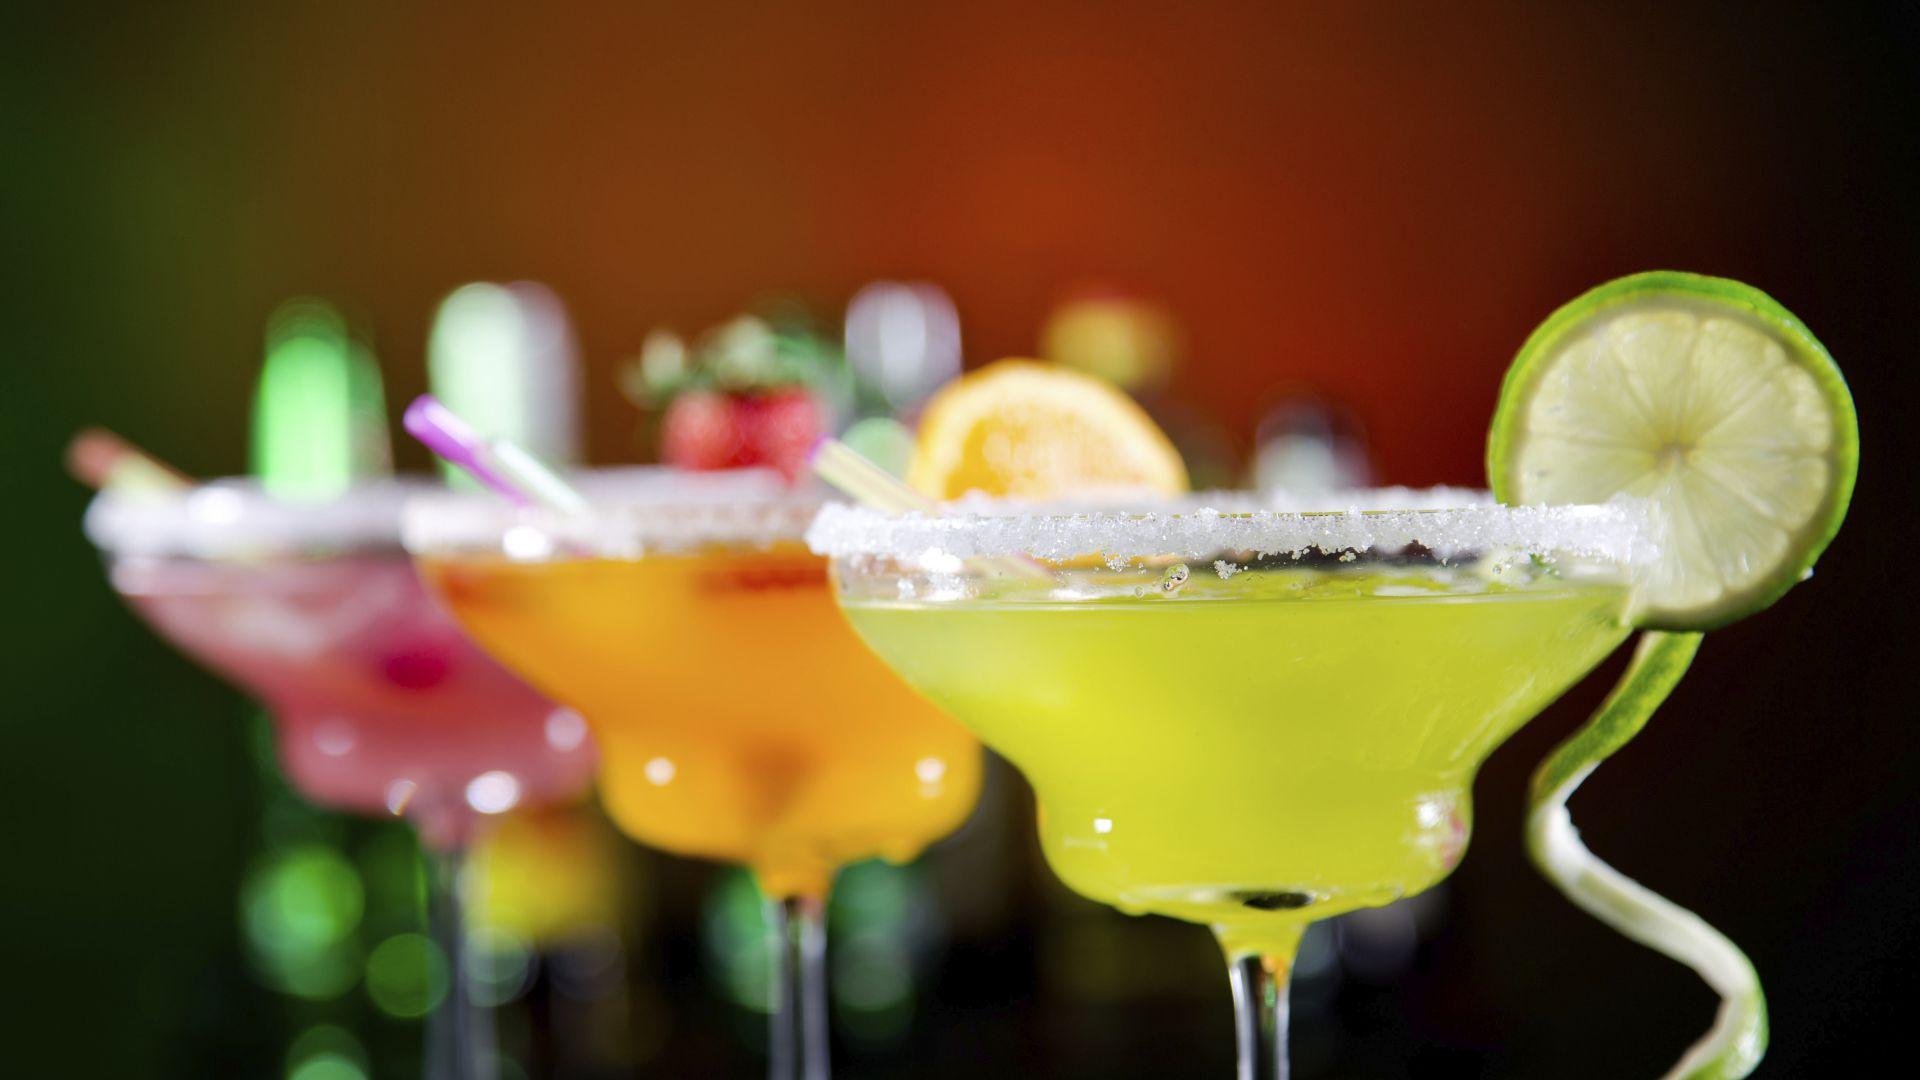 Citrus Cocktail Wallpaper, Food / Recent: Citrus Cocktail, lime ...